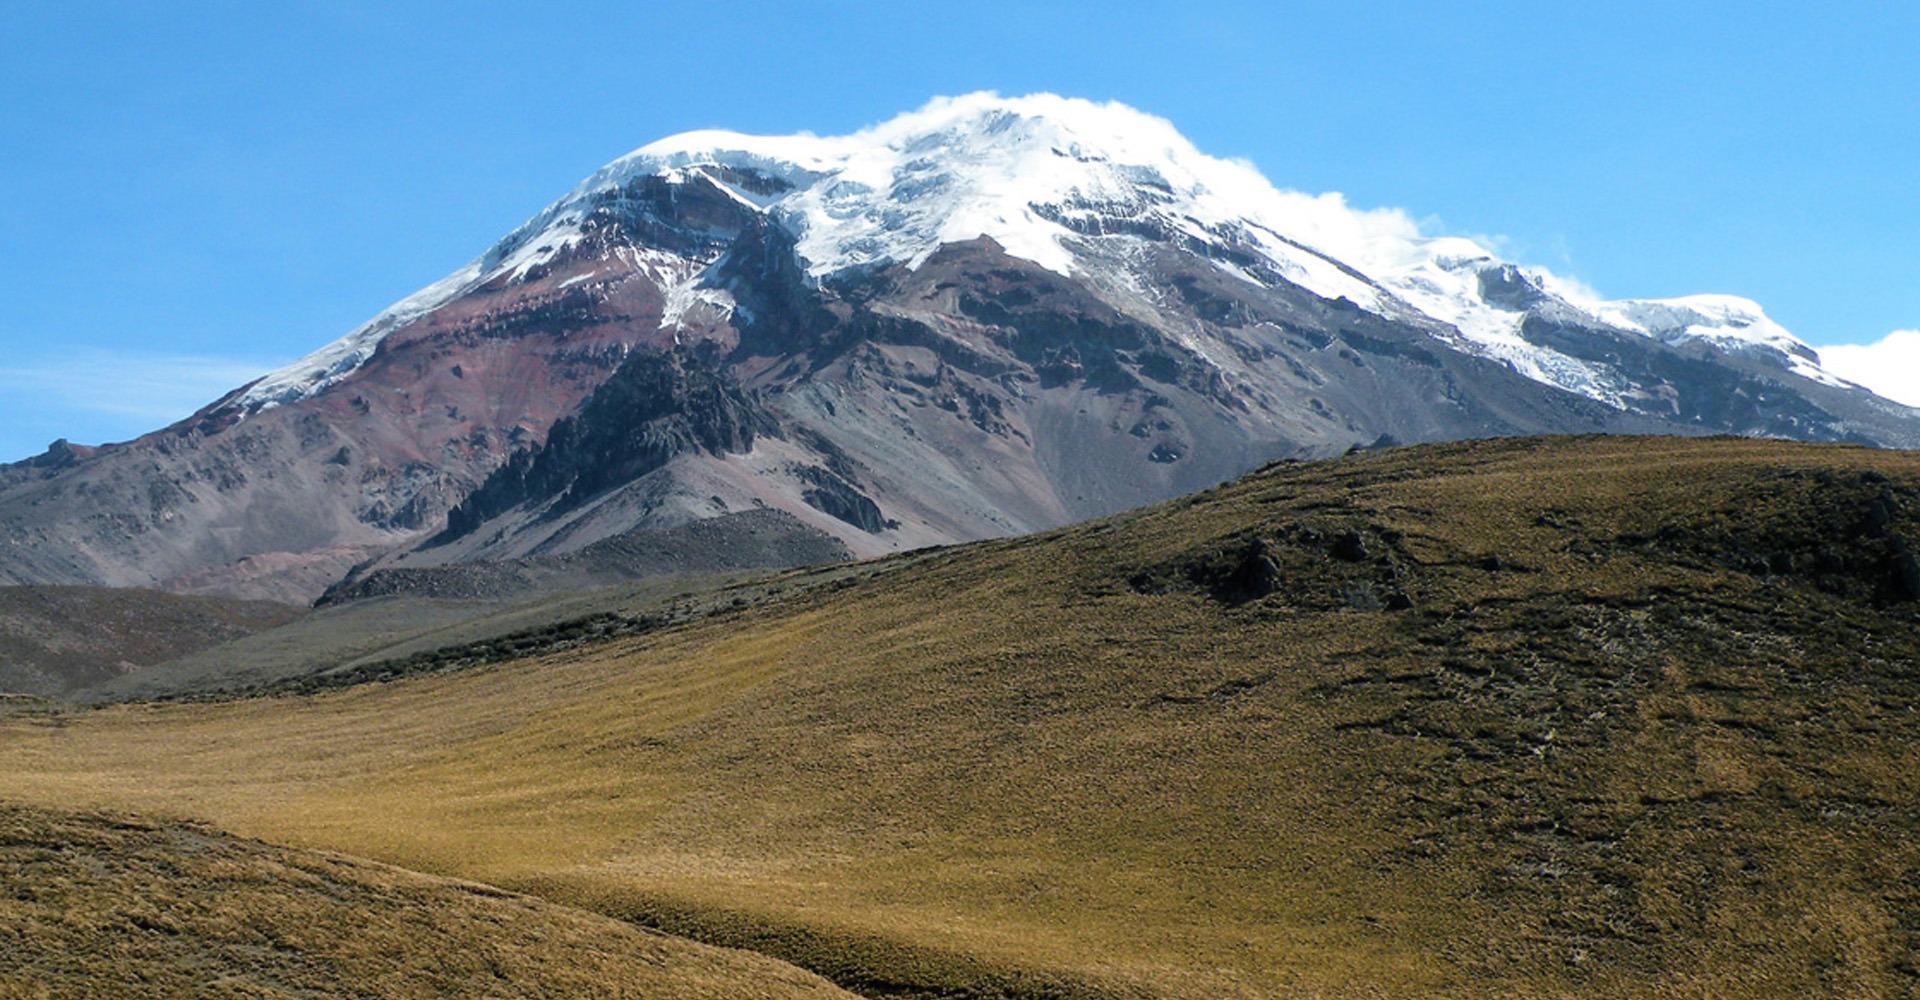 snowcapped ecuadorian Chimborazo